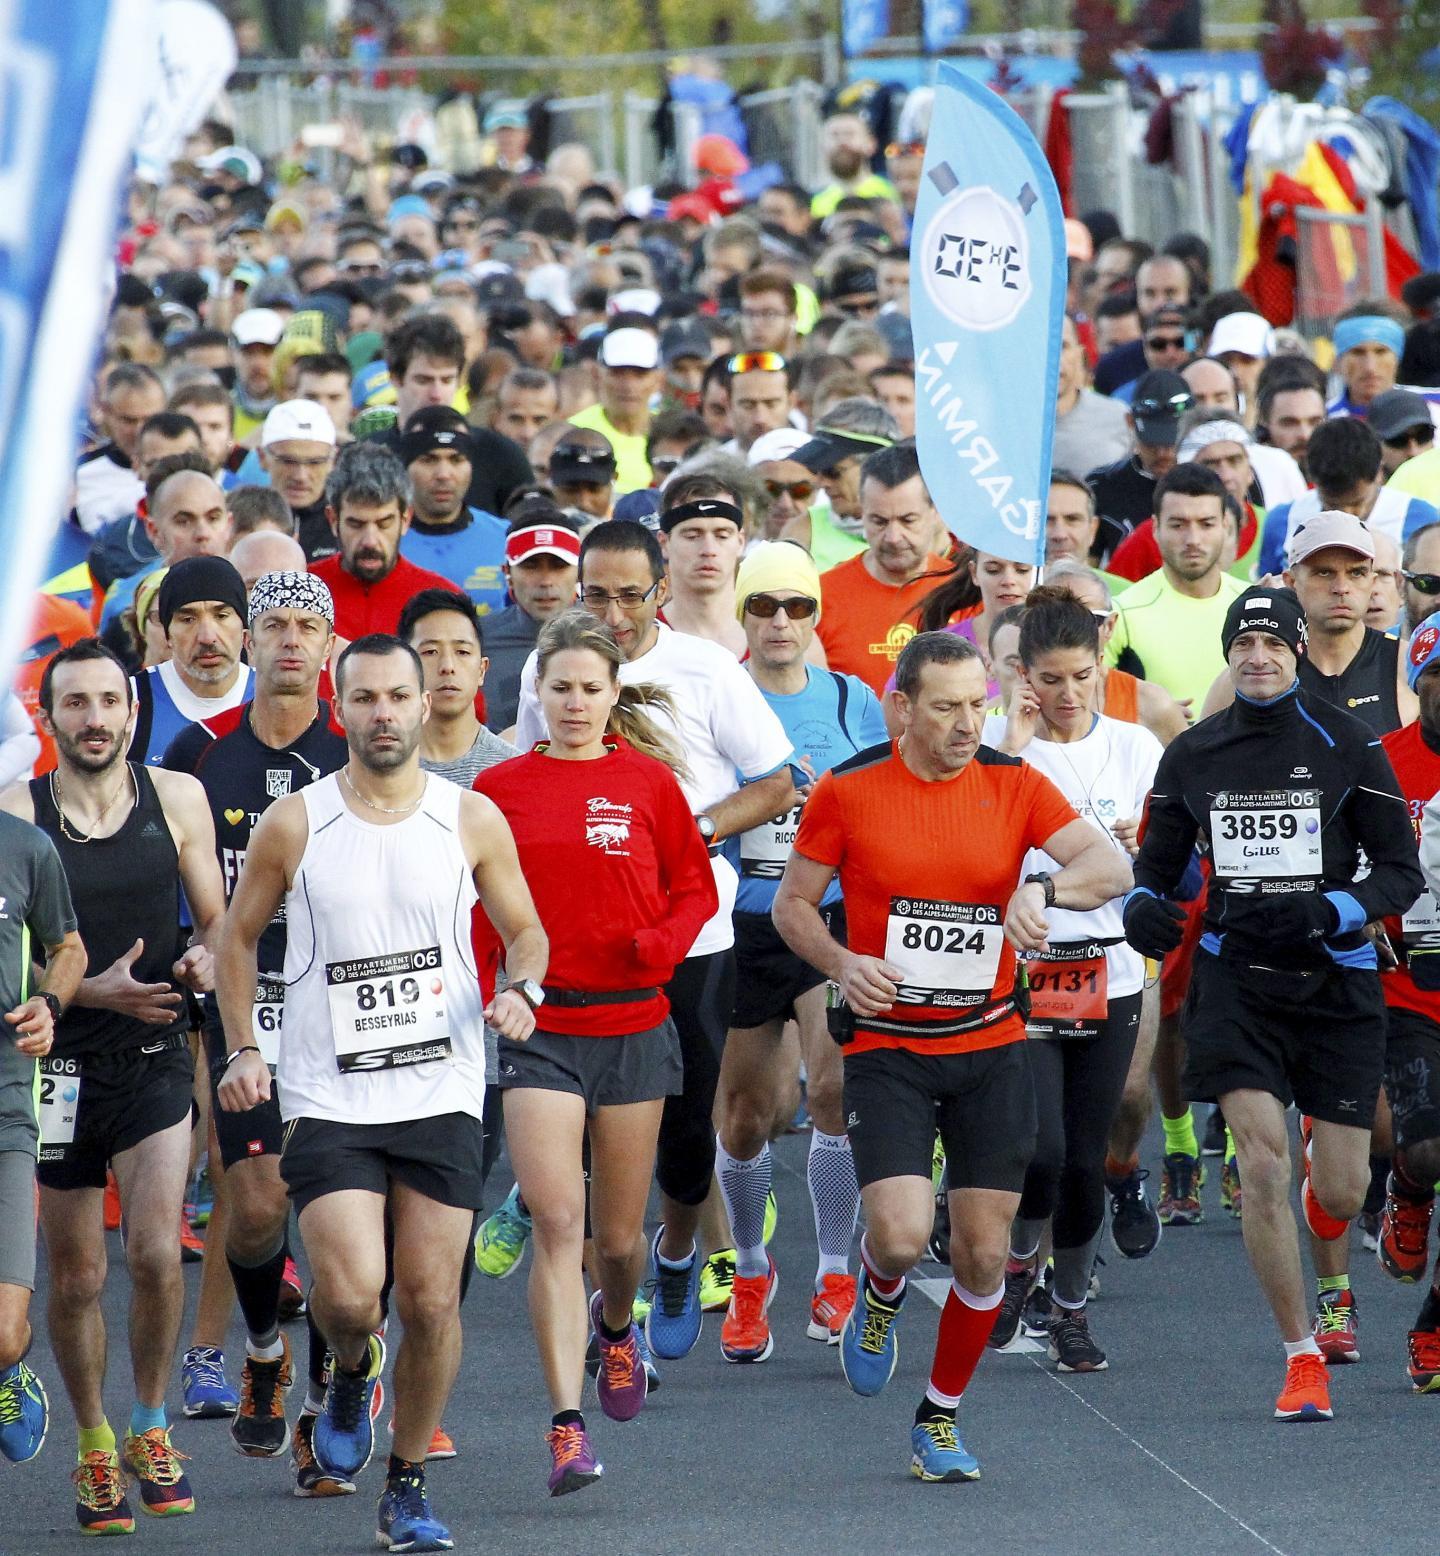 Les coureurs au départ de l'Allianz Riviera ce dimanche matin.